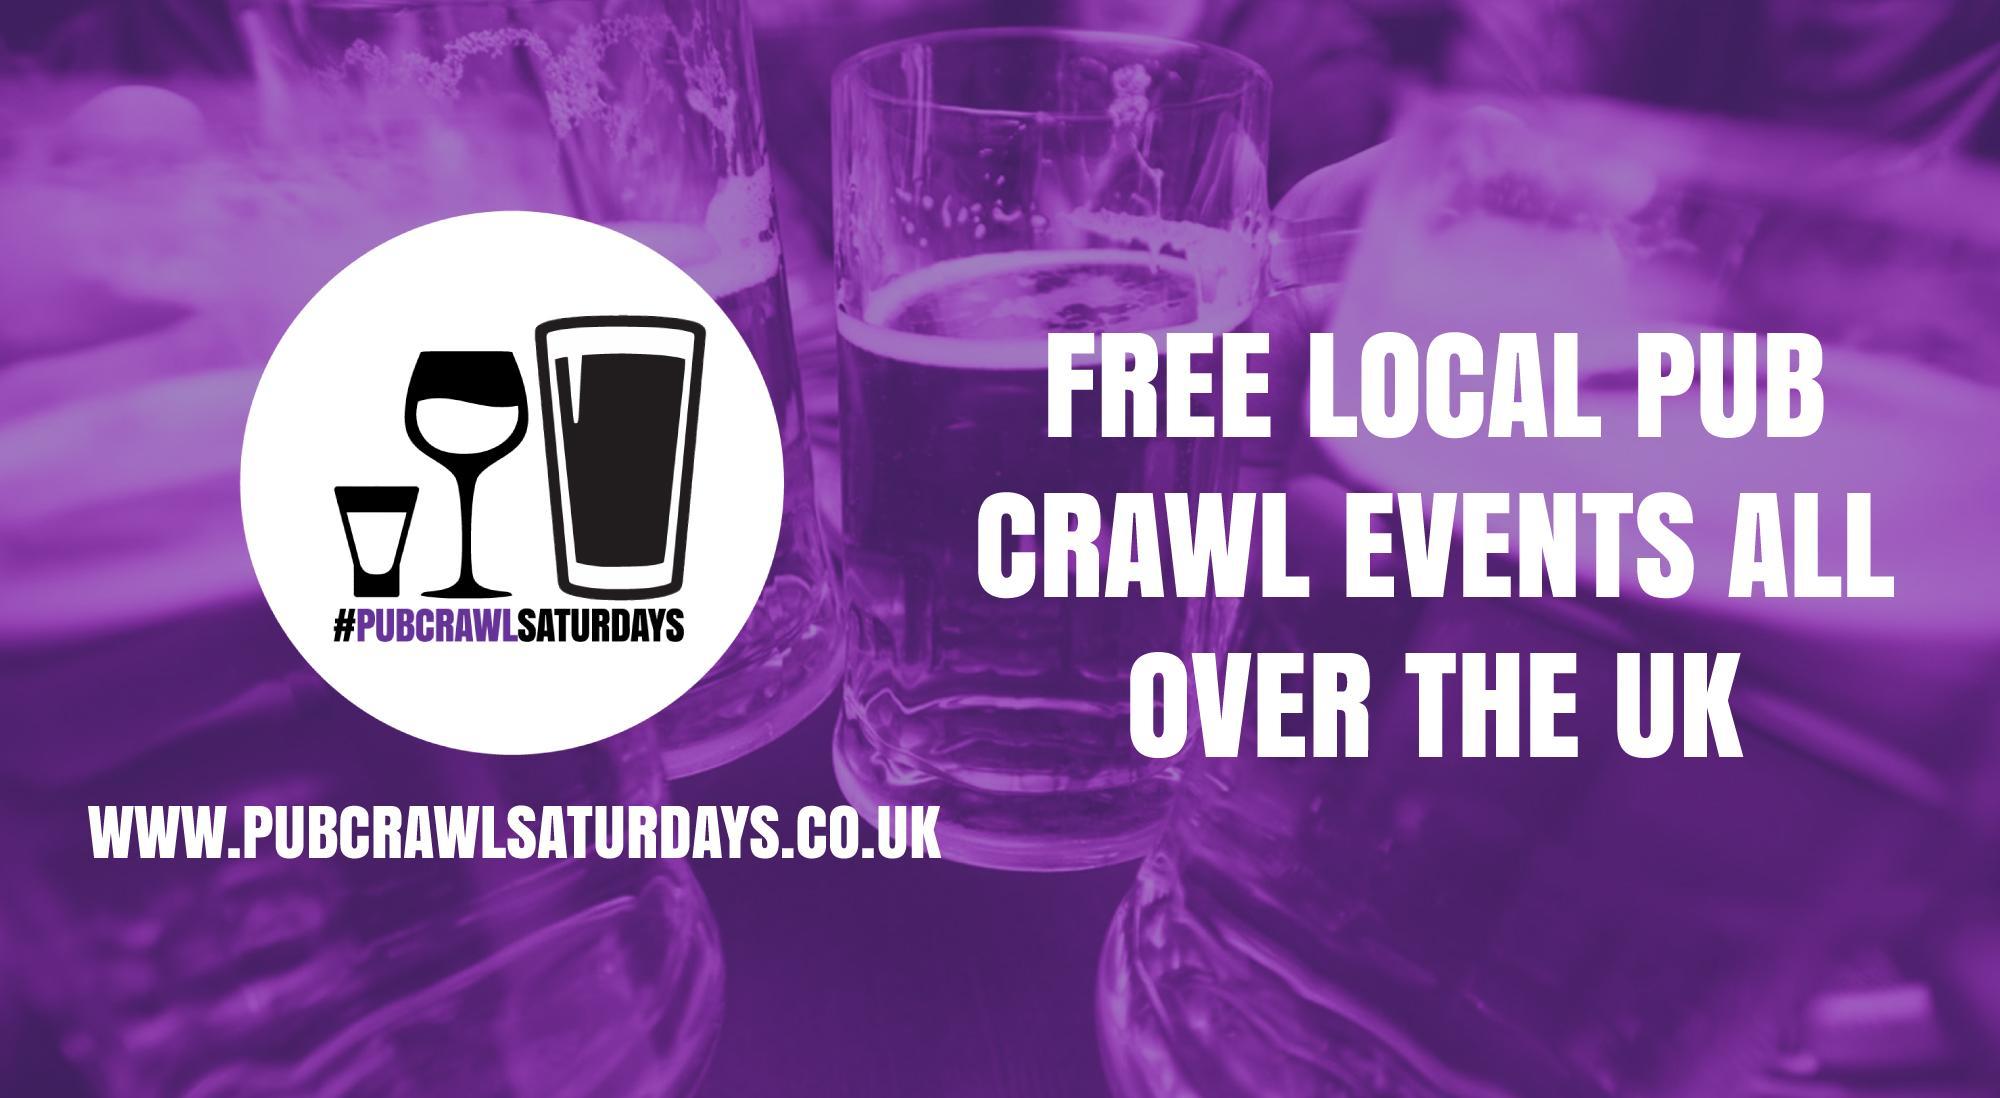 PUB CRAWL SATURDAYS! Free weekly pub crawl event in Cleveleys